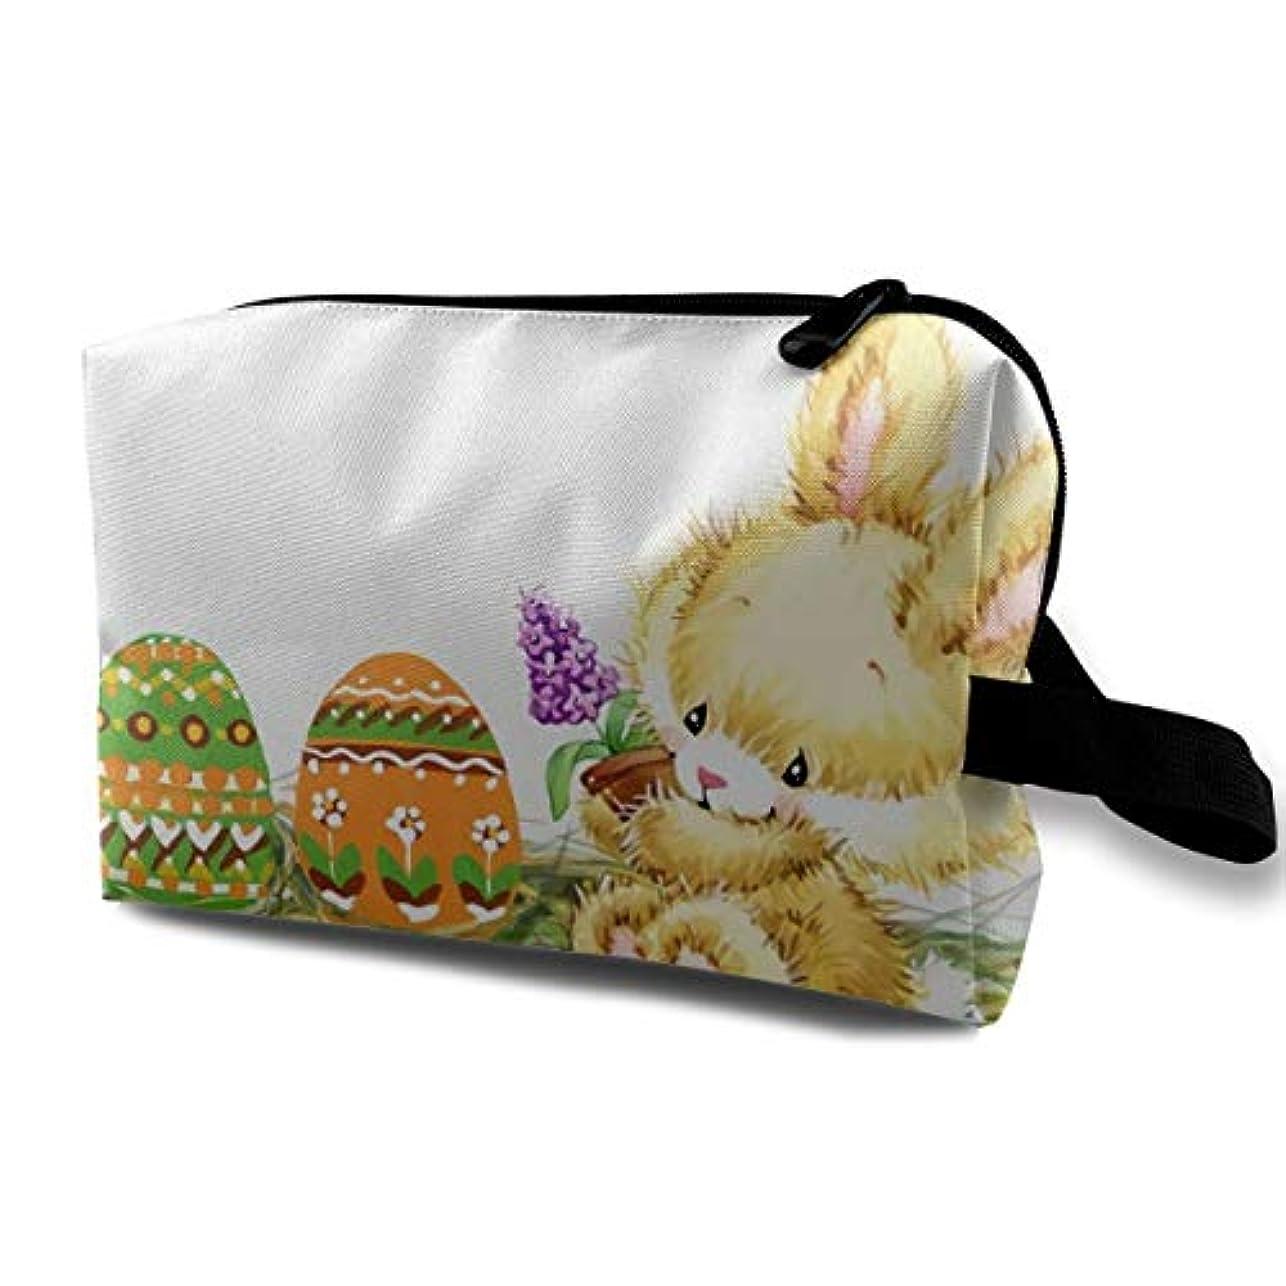 敬意を表する投げ捨てる毛布Bunny Color Egg And Flowers 収納ポーチ 化粧ポーチ 大容量 軽量 耐久性 ハンドル付持ち運び便利。入れ 自宅?出張?旅行?アウトドア撮影などに対応。メンズ レディース トラベルグッズ